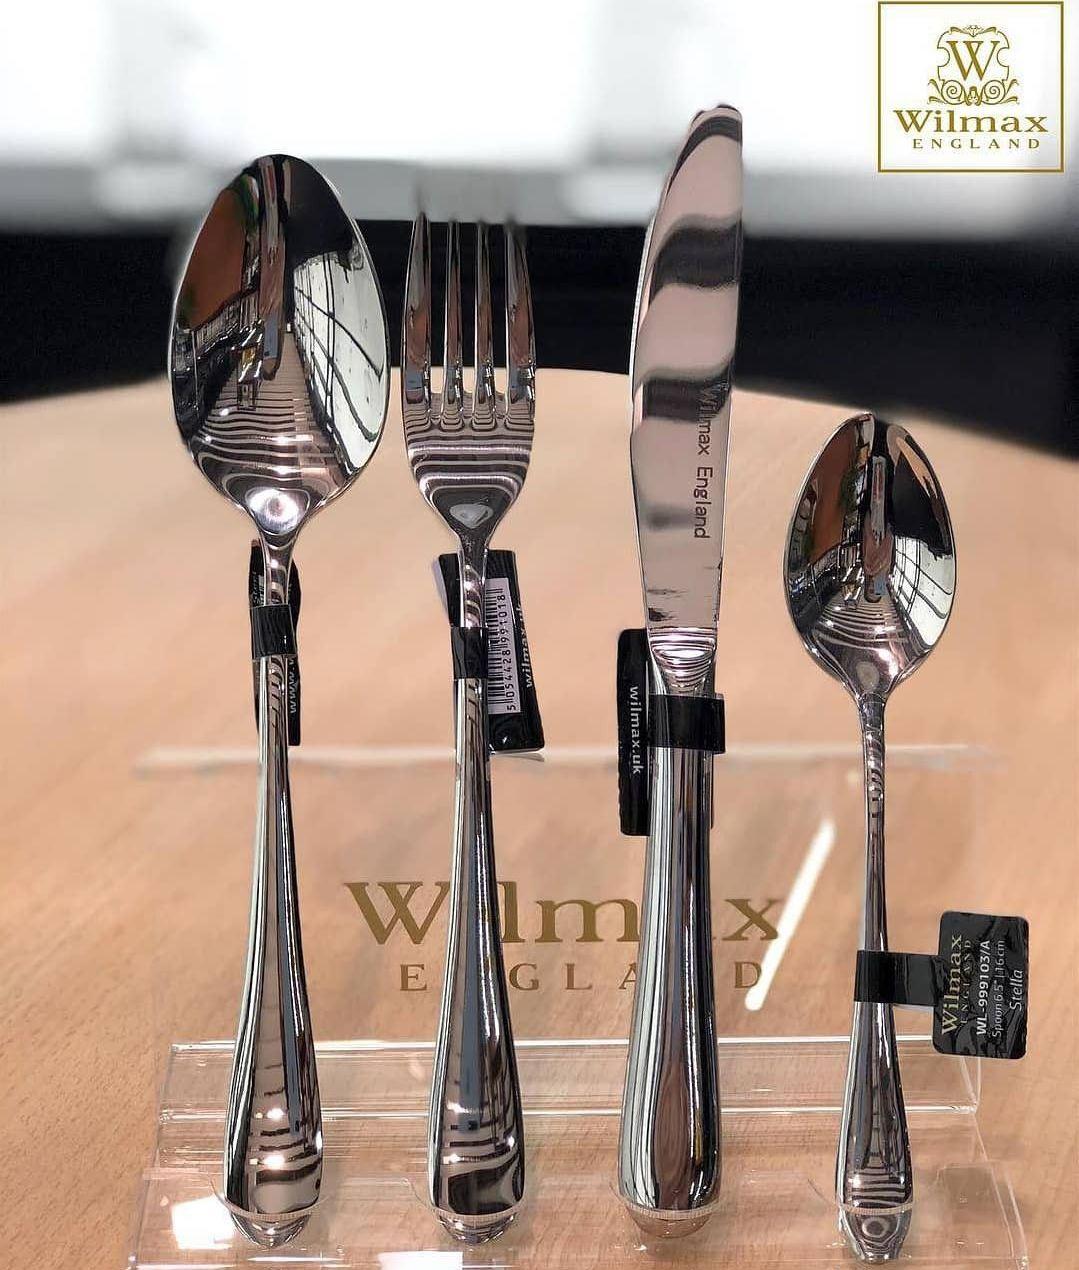 დანა-ჩანგალი (Wilmax England)